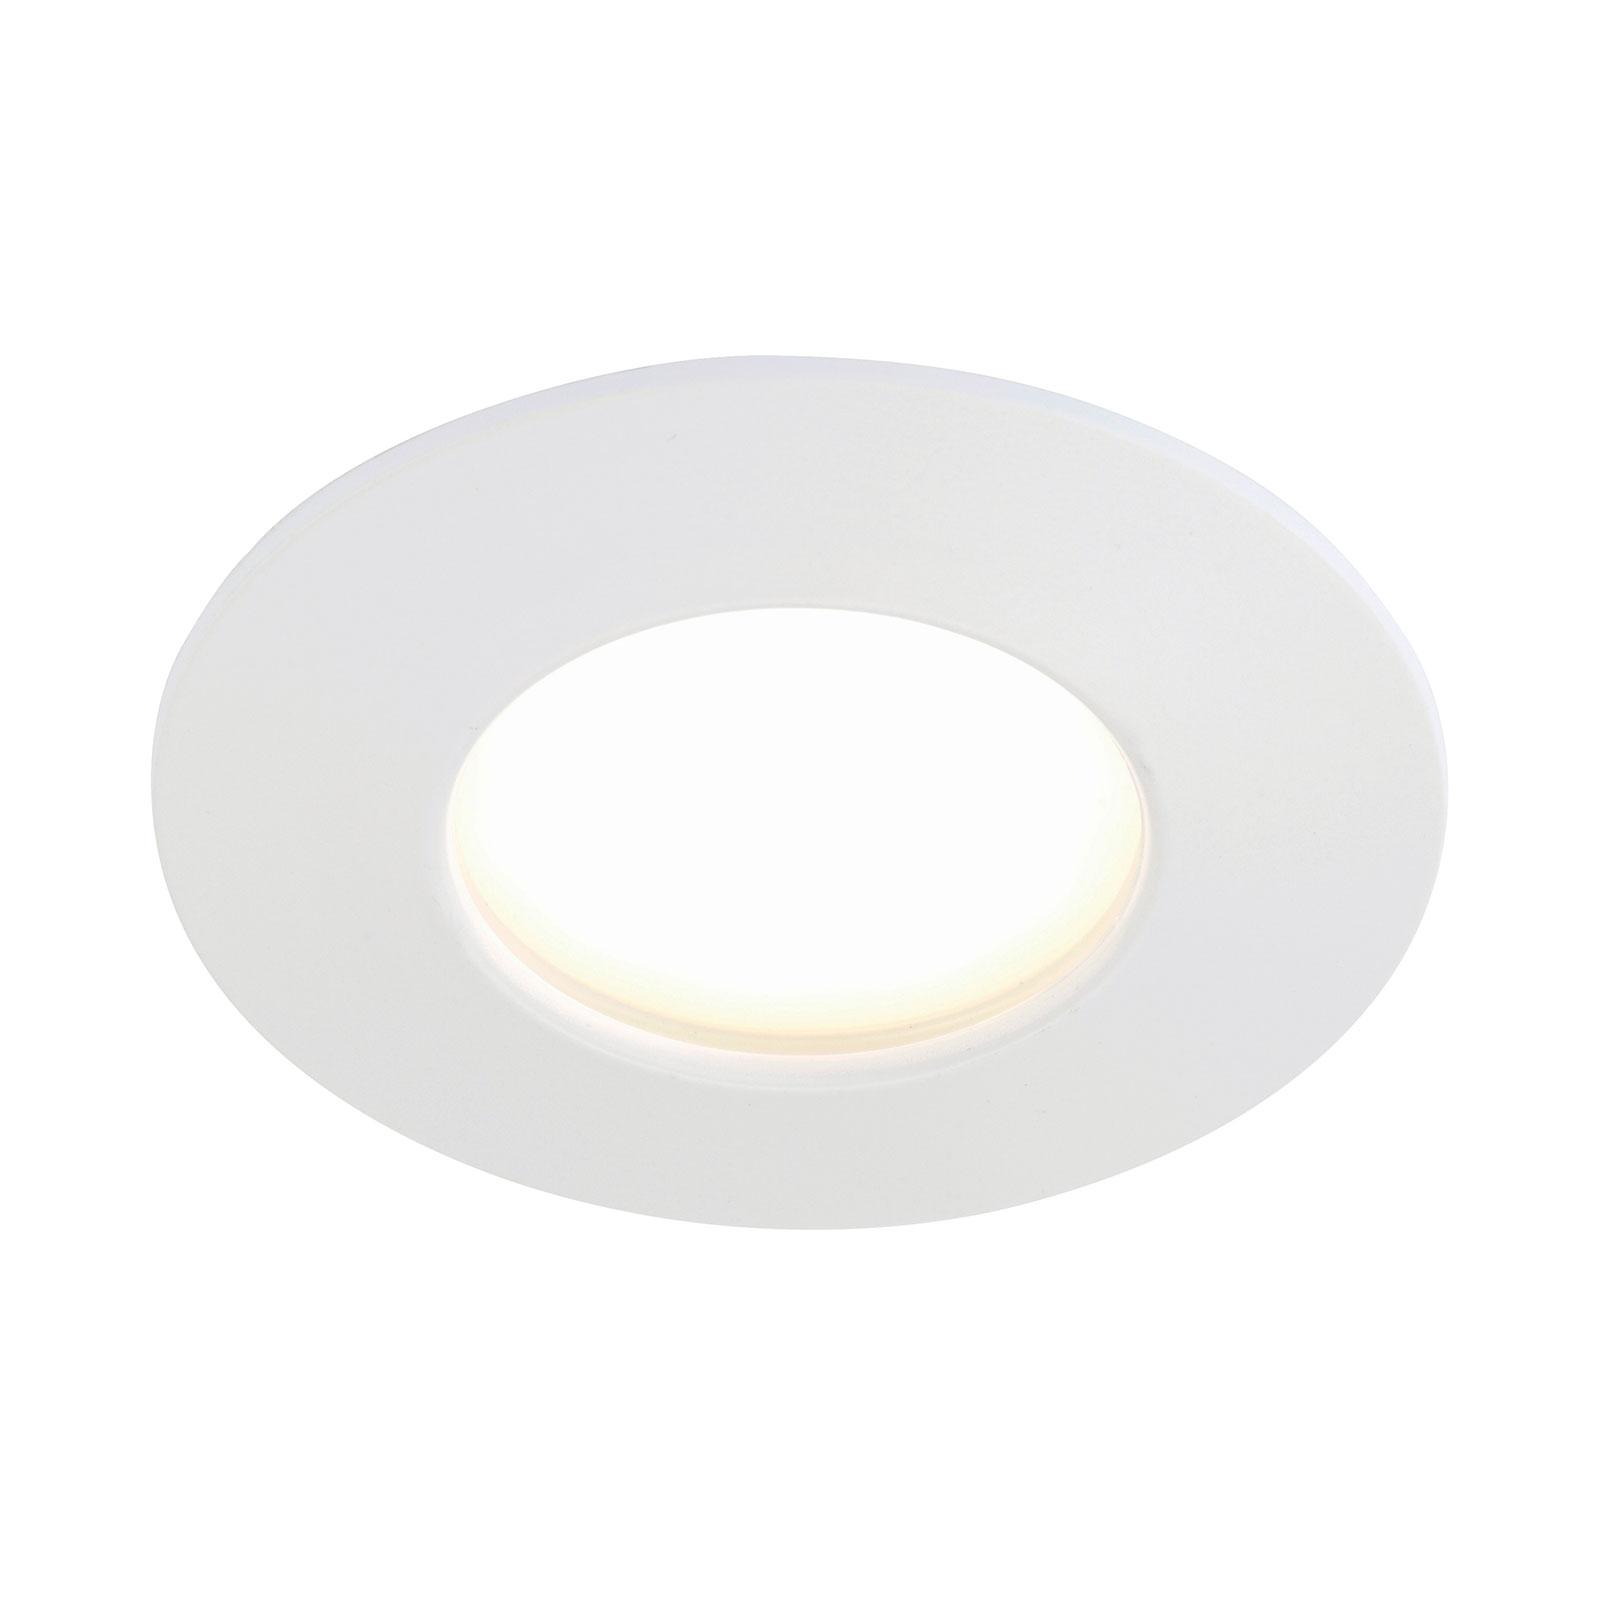 Biele zapustené LED svetlo Till vonkajšie_1510334_1